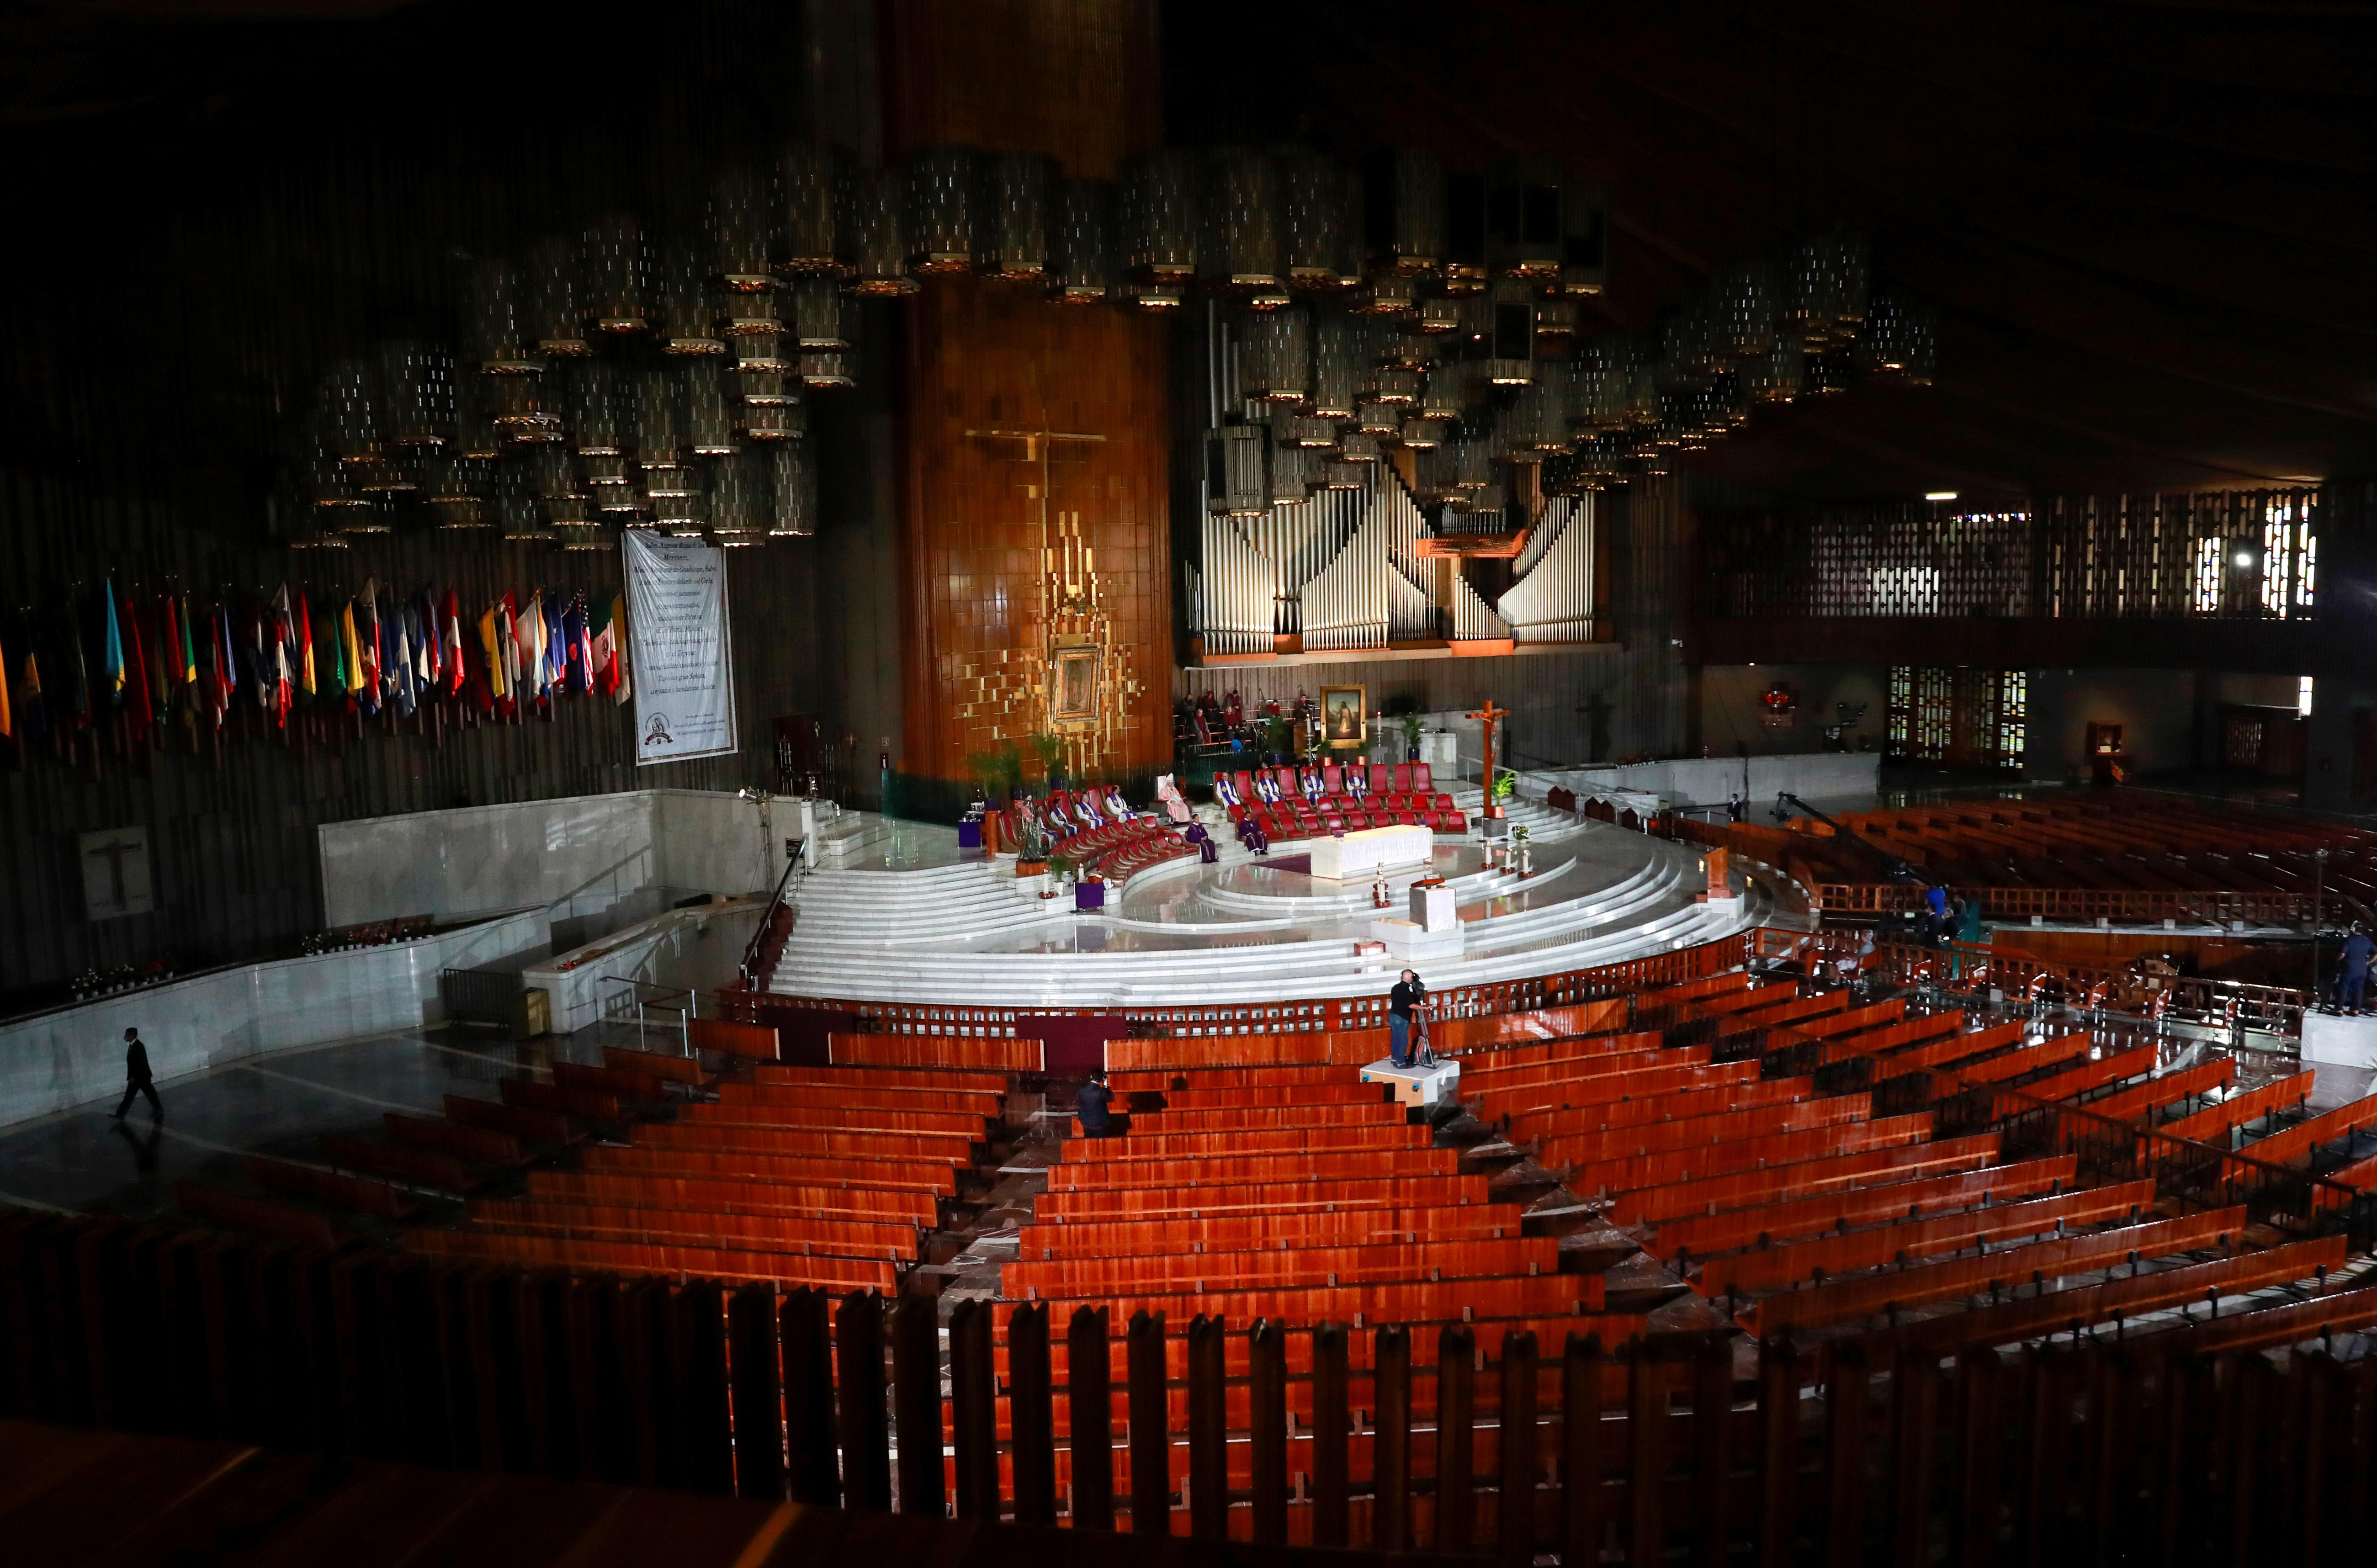 El cardenal mexicano Carlos Aguiar Retes, de la Iglesia Católica Romana, realiza un servicio en línea a través de YouTube y televisión después de que algunas iglesias se cerraron mientras continúa la propagación de la enfermedad por coronavirus (COVID-19), en la Basílica de Nuestra Señora de Guadalupe en la Ciudad de México, México. 22 de marzo de 2020.